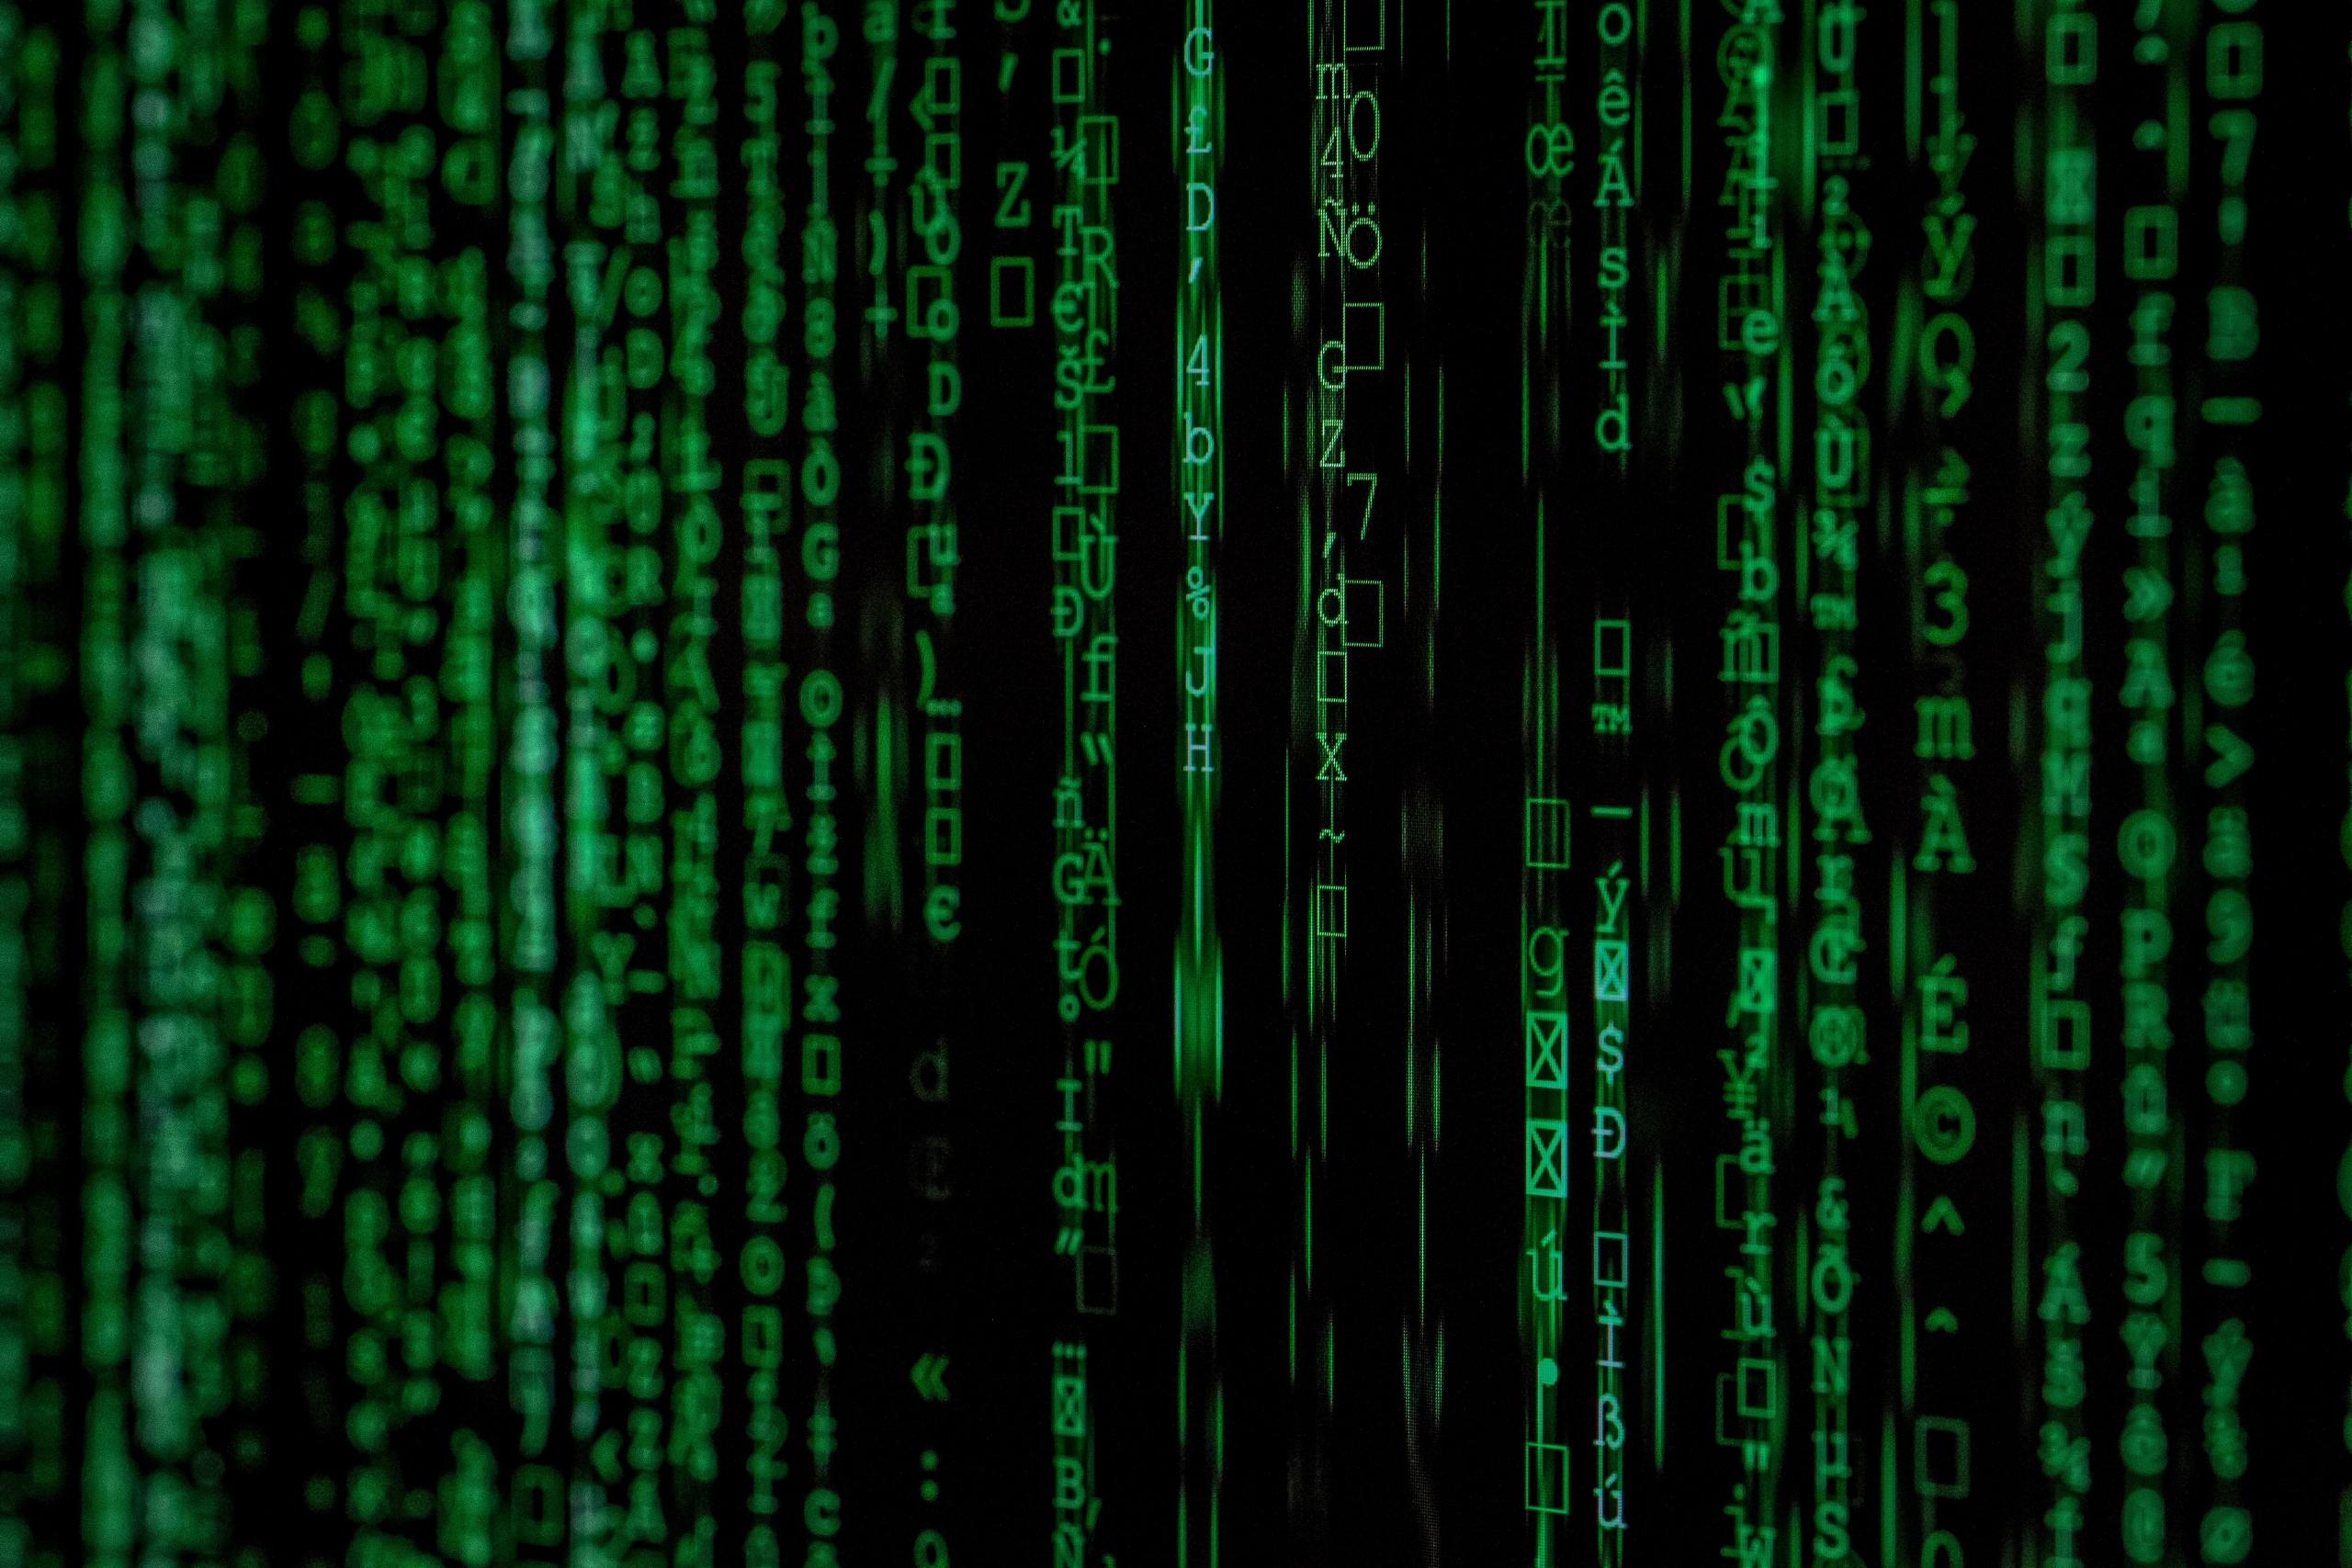 Digital kodesprog på sort skærm